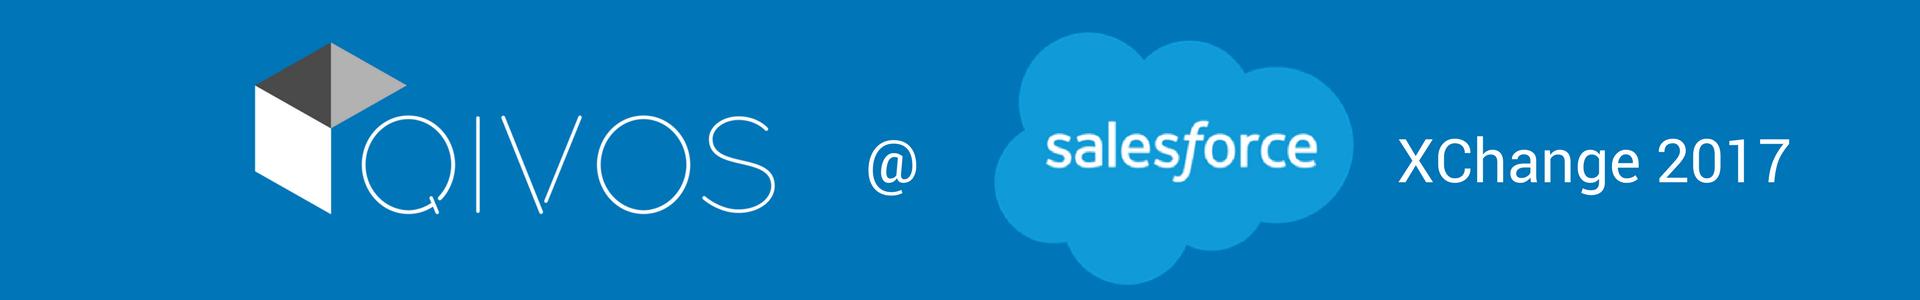 QIVOS sponsors the Salesforce XChange EMEA in Copenhagen!